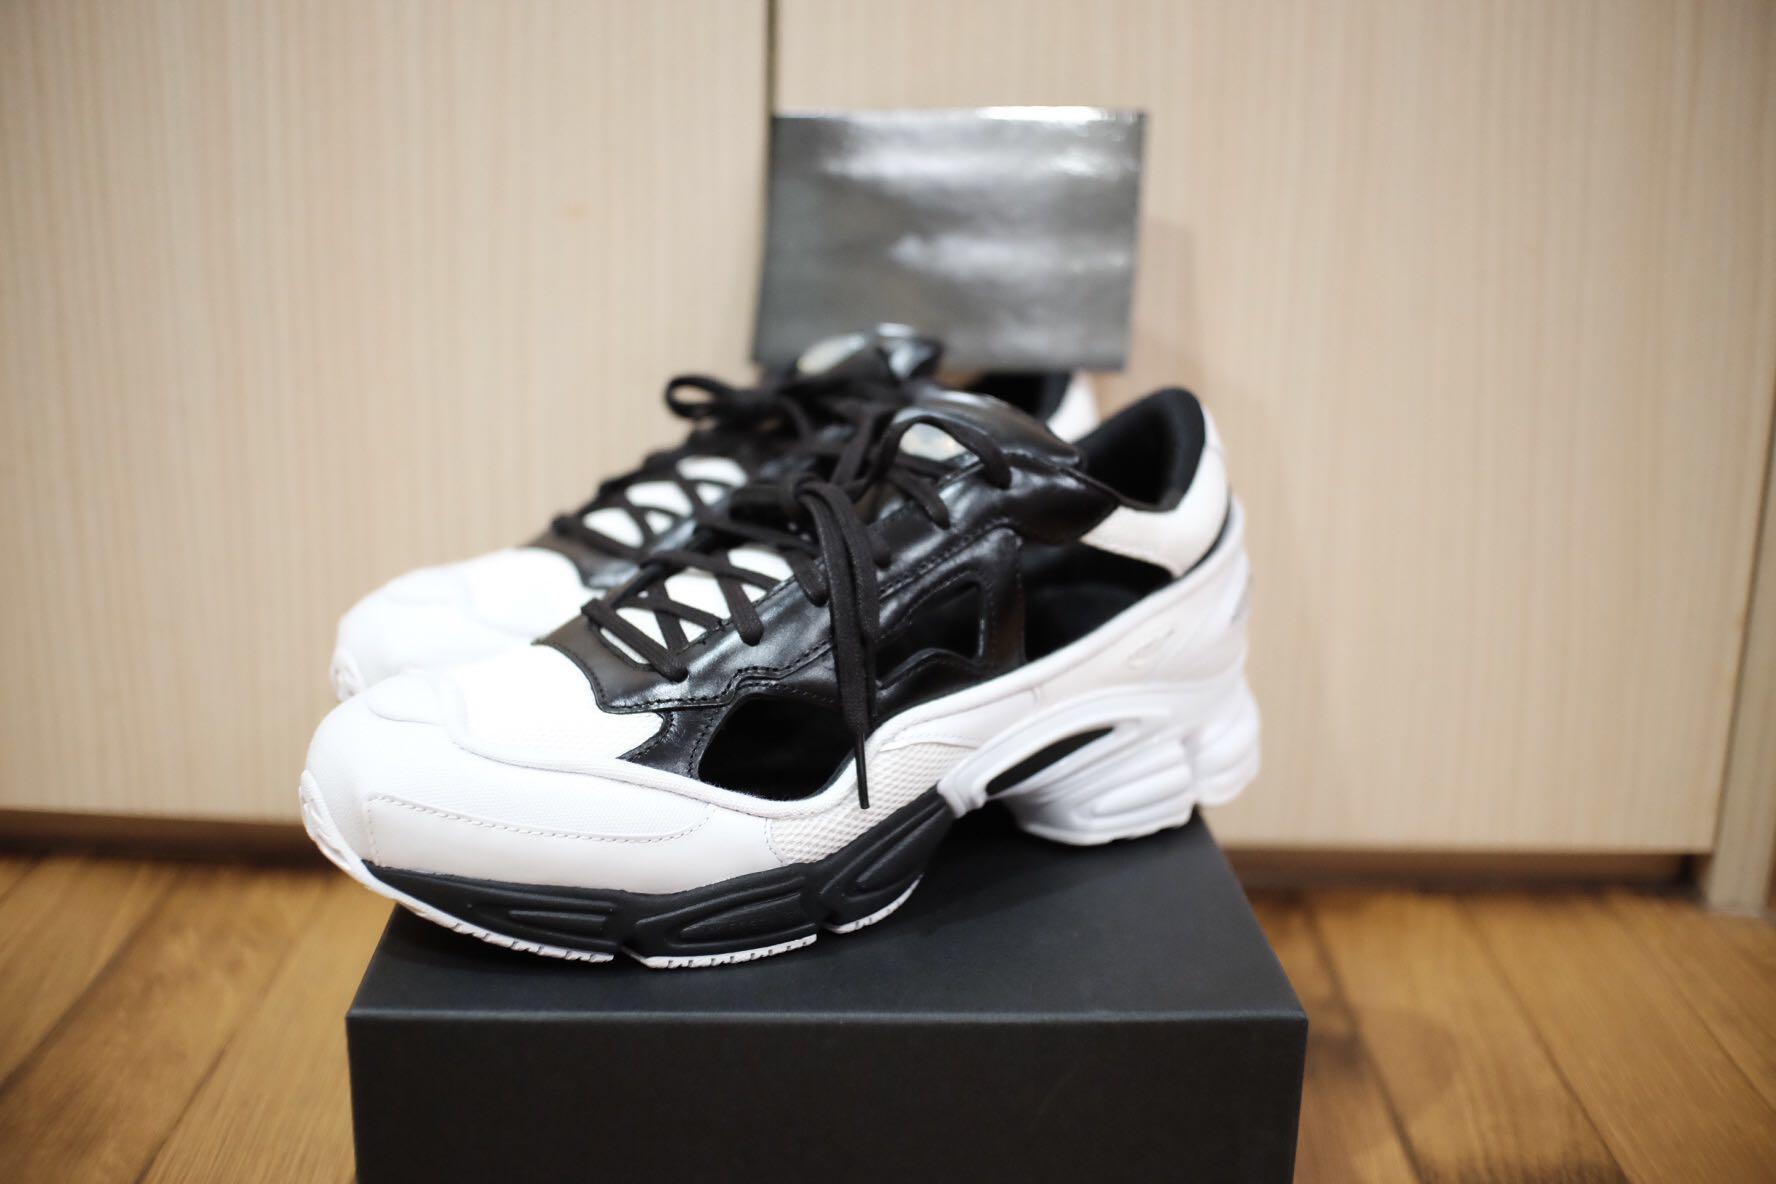 98589ccd3 Brand new Adidas raf simons RS replicant ozweego